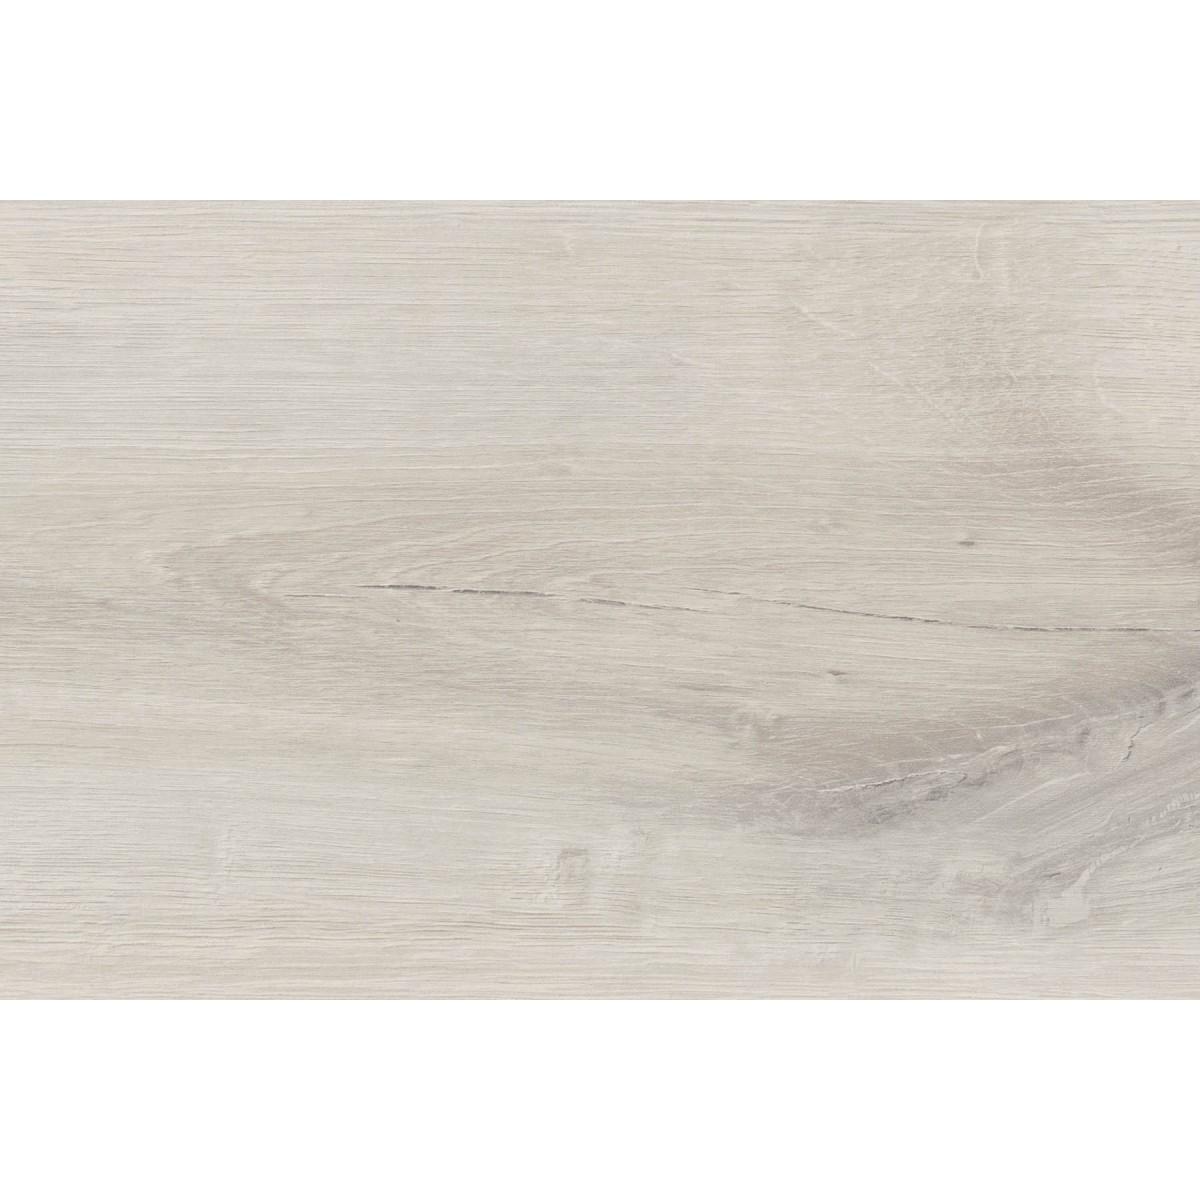 Bolero oak